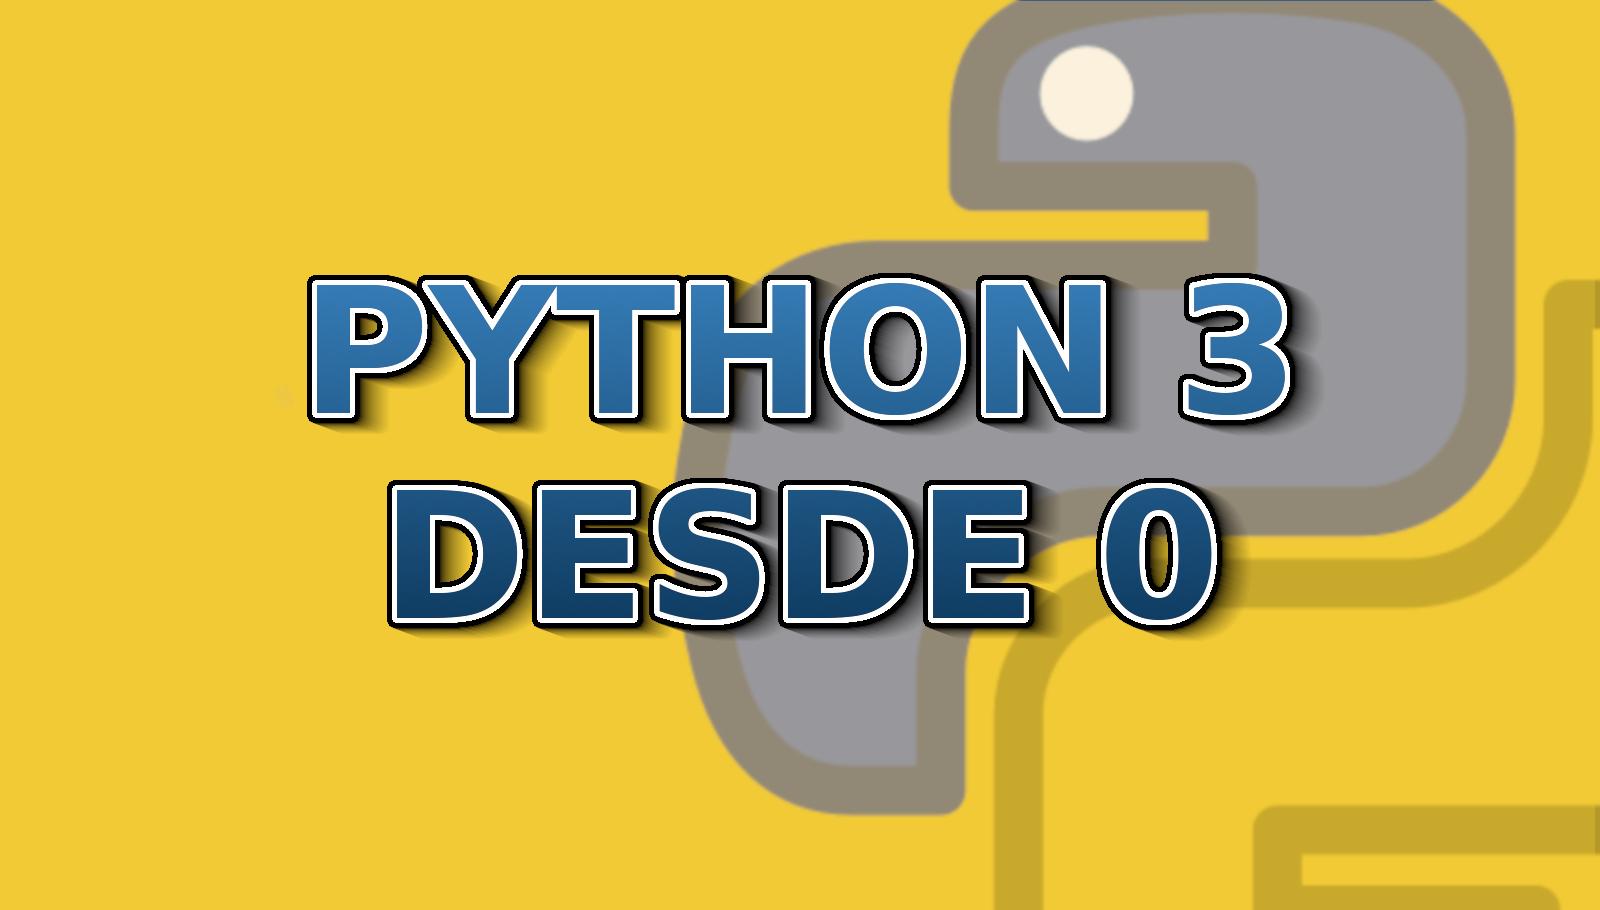 Aprende Python 3 desde 0